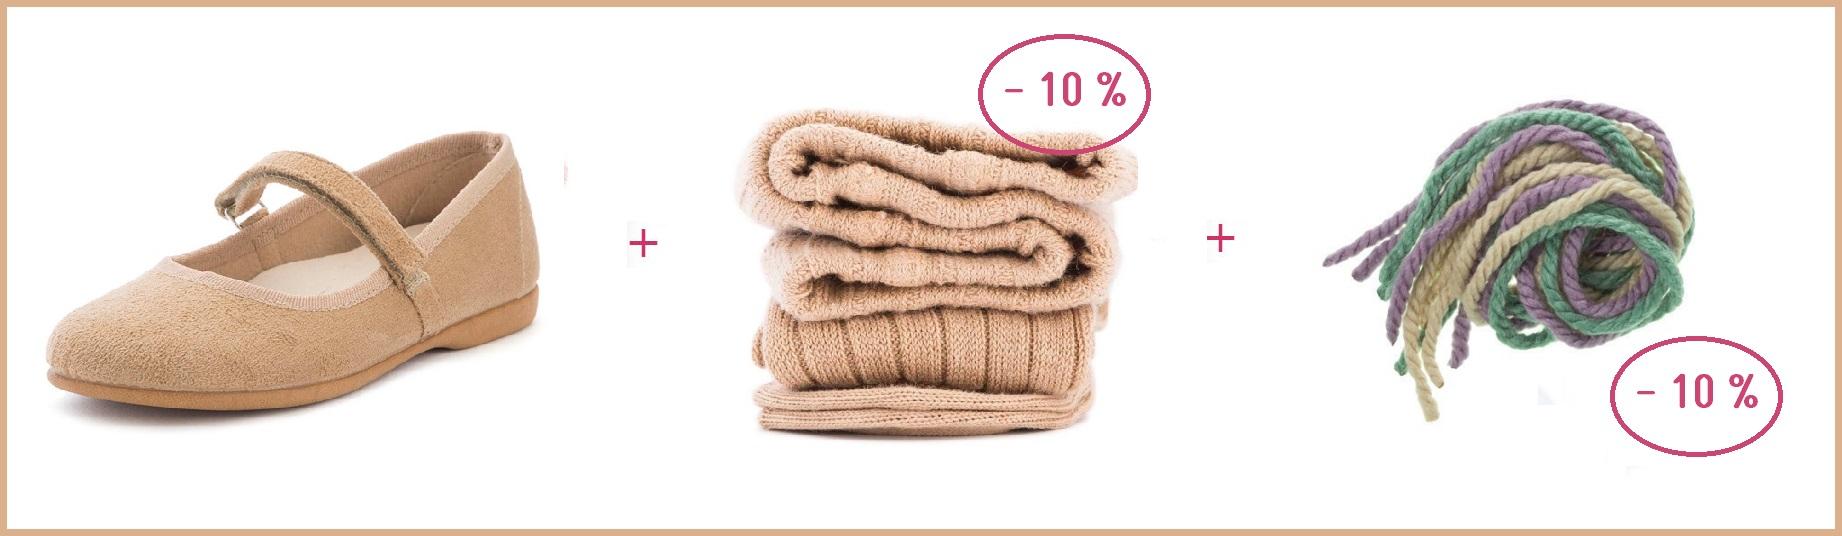 Collants Cóndor moins chers ! Et chaussettes, élastiques pour cheveux, gants... Profitez de notre Réduction Pisacombos !